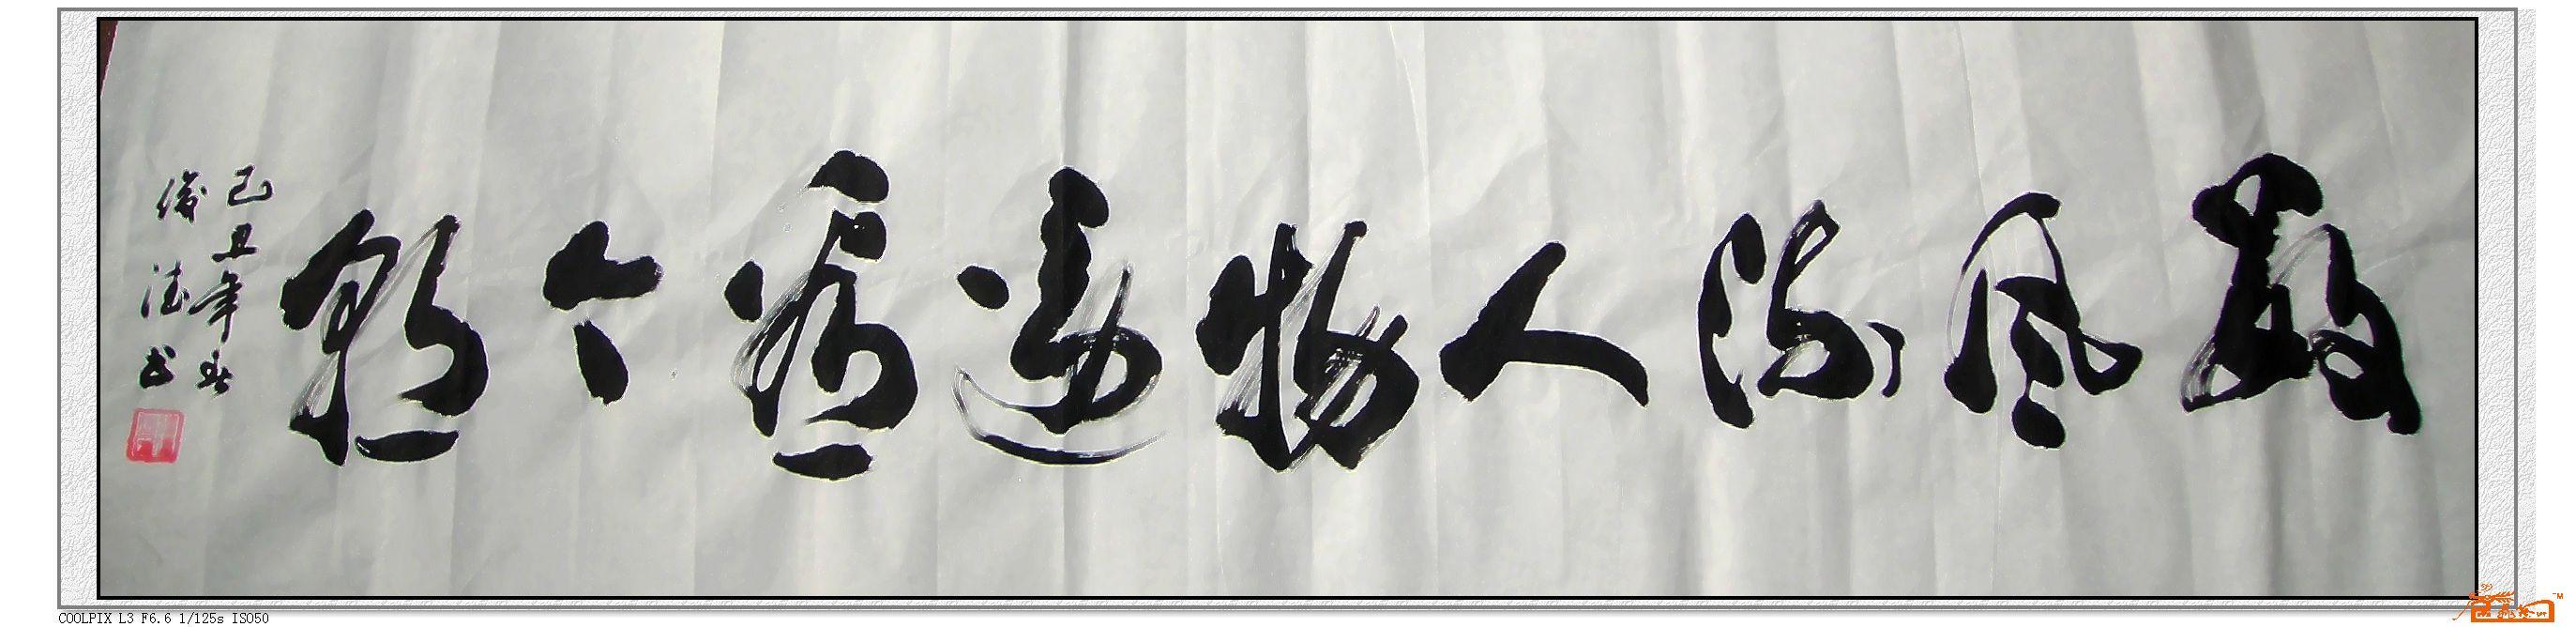 杨俊德-横幅-淘宝-名人字画-中国书画服务中心